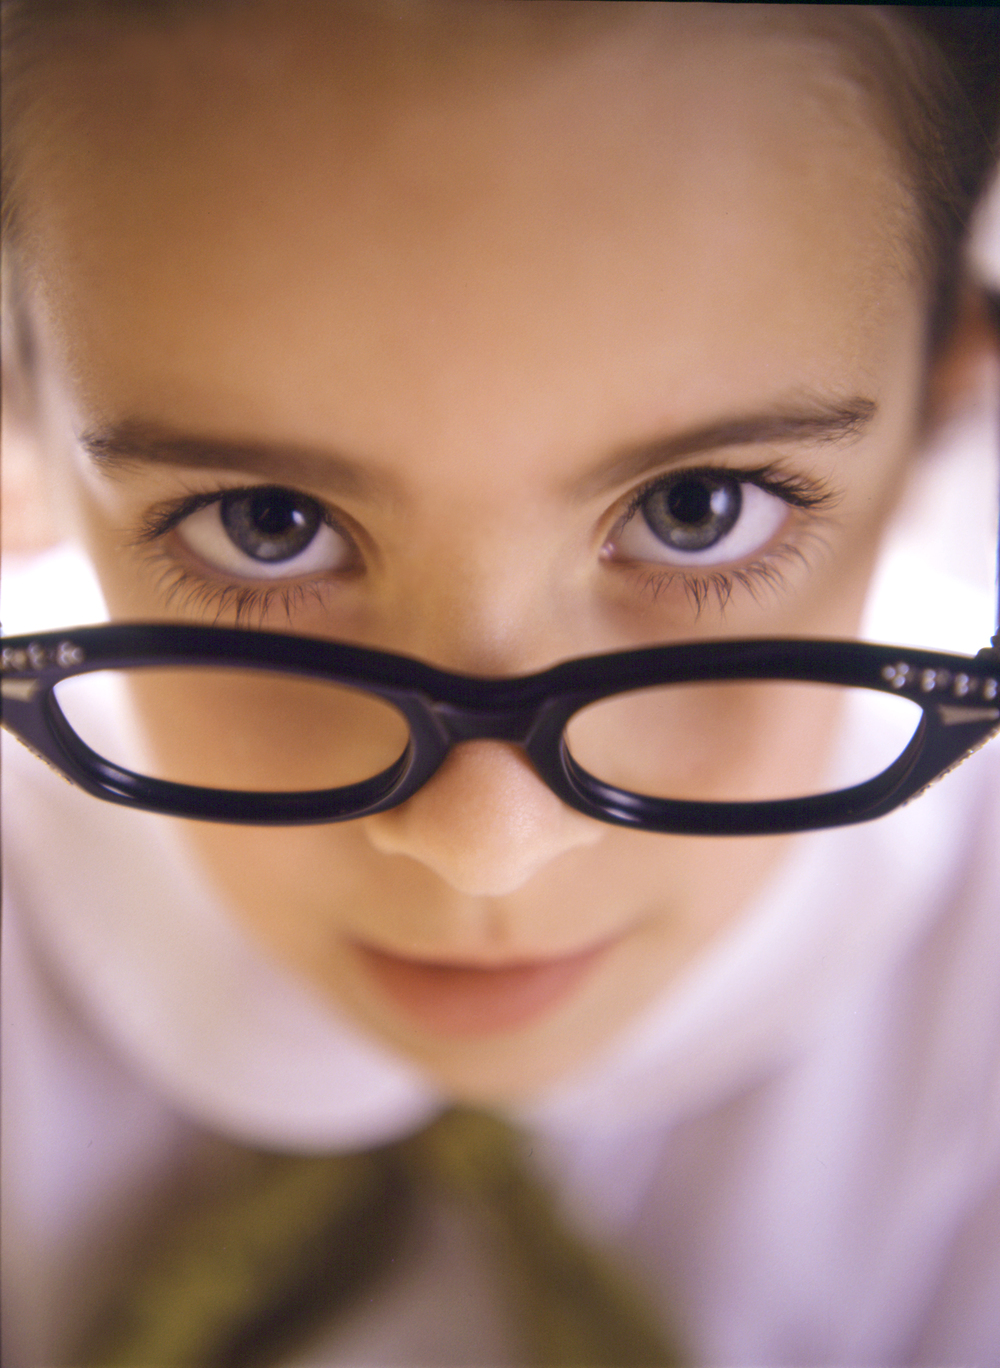 tessglasses looking ahead-2.jpg